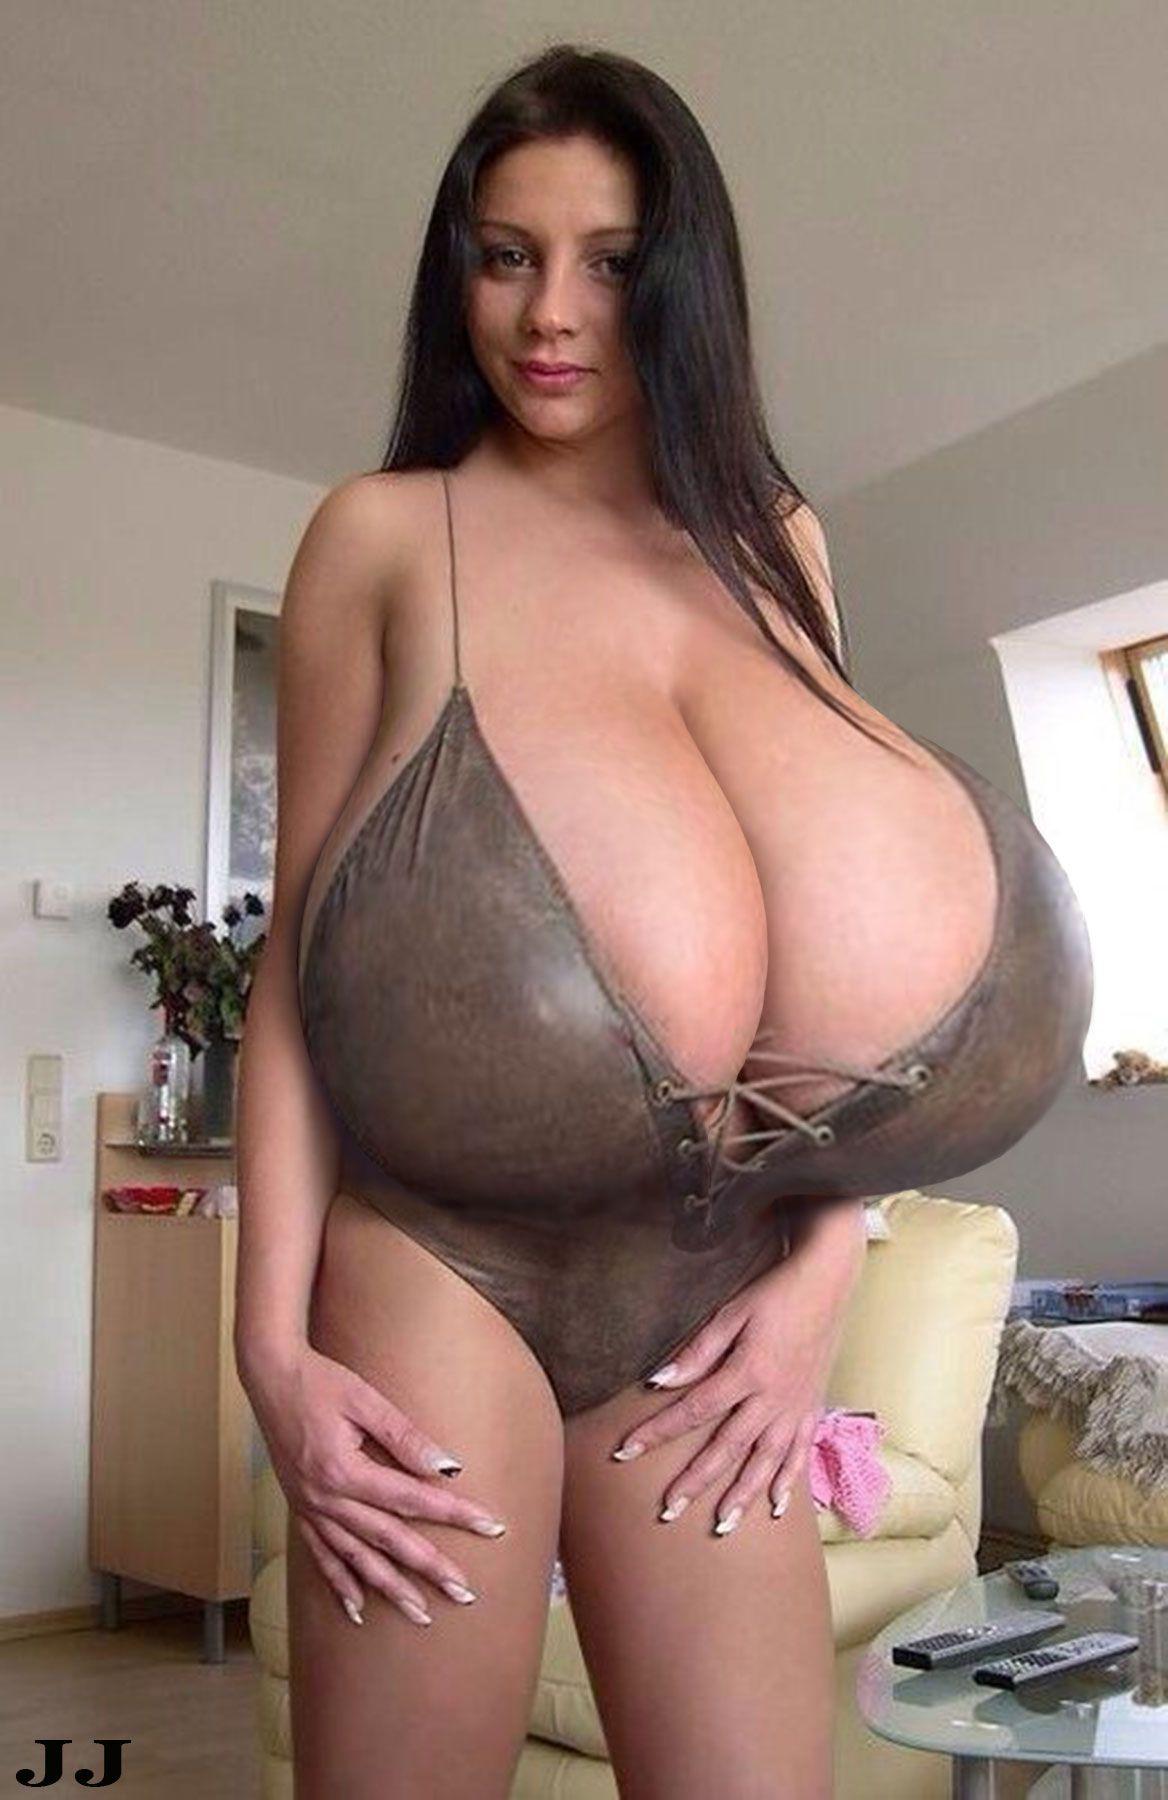 so big tits